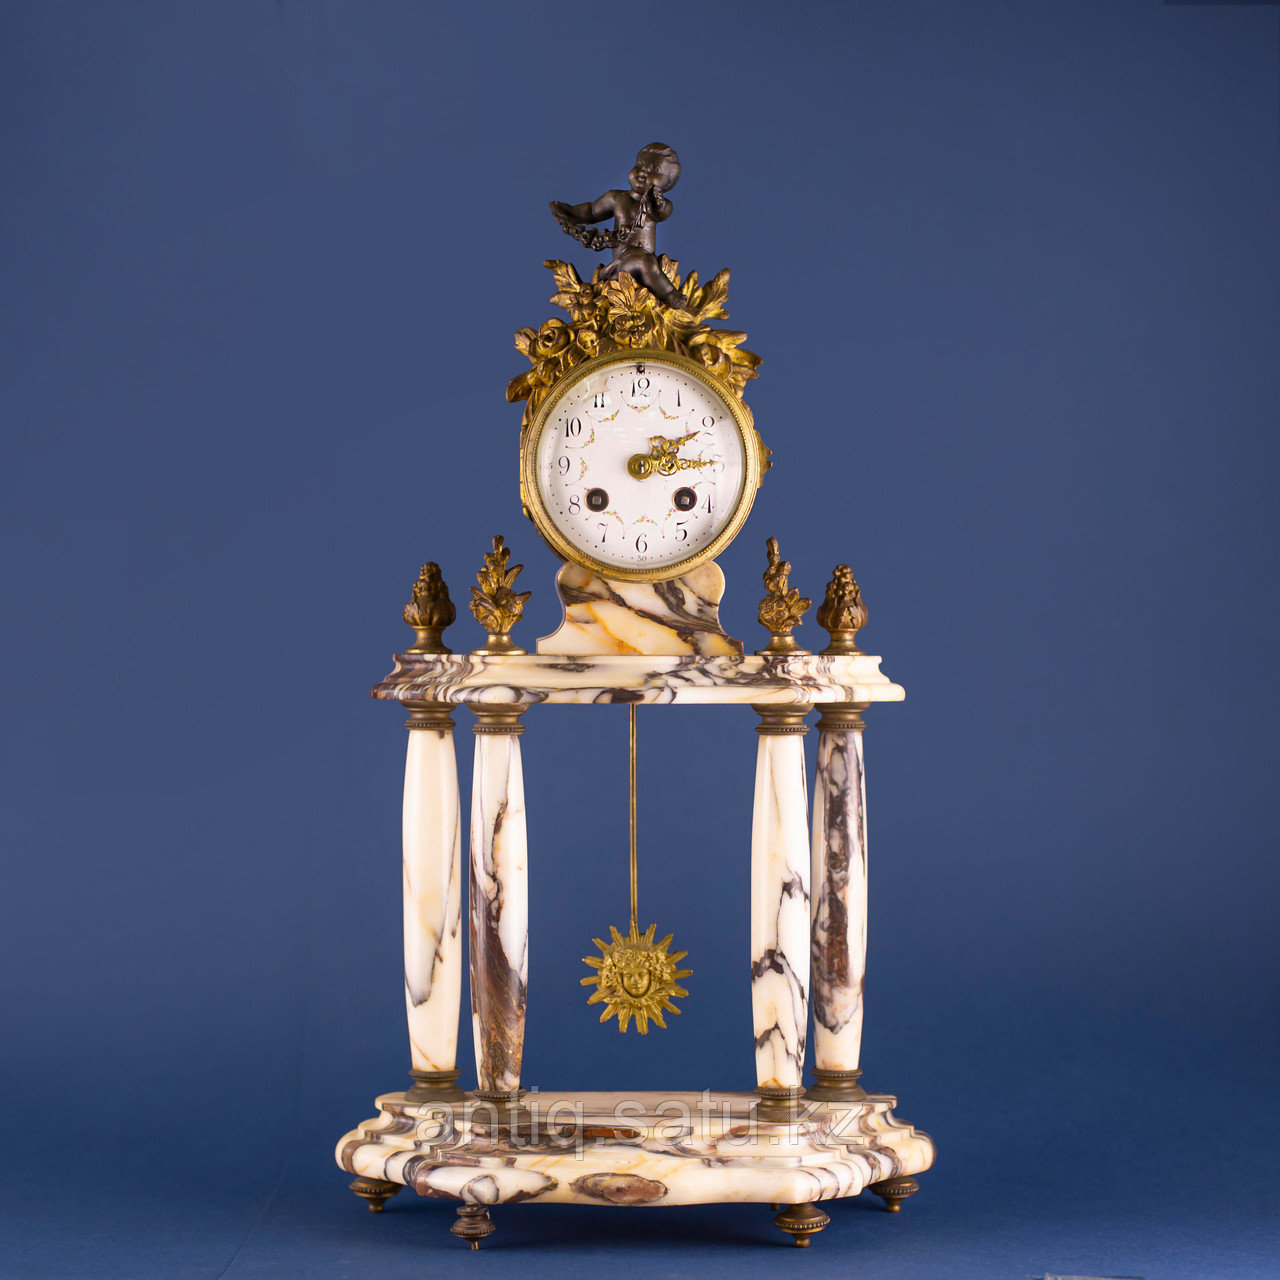 Кабинетный часовой гарнитур в стиле Людовика XVI Франция. II половина XIX века - фото 2